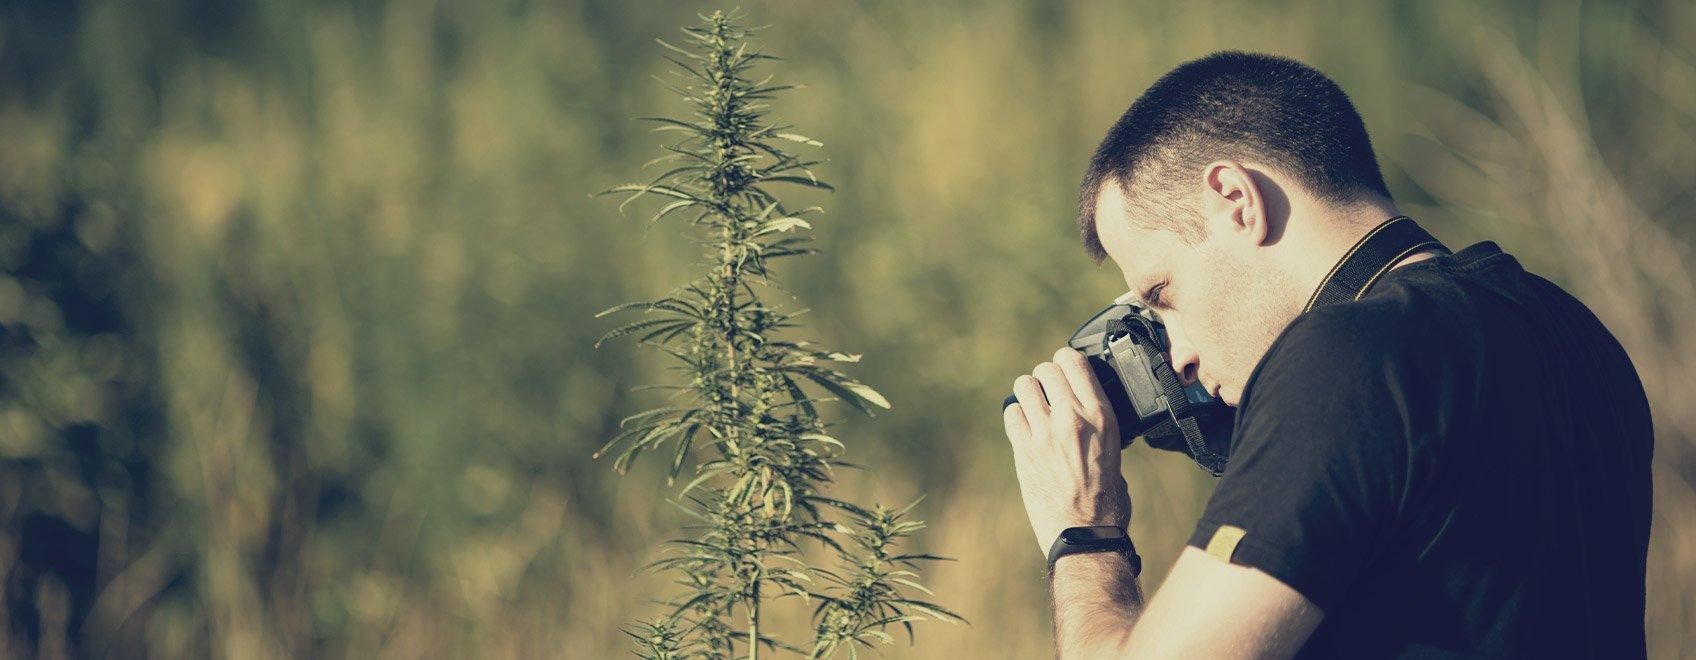 Pouvez-vous partager avec nous vos meilleurs conseils pour prendre des photos de cannabis créatives ?